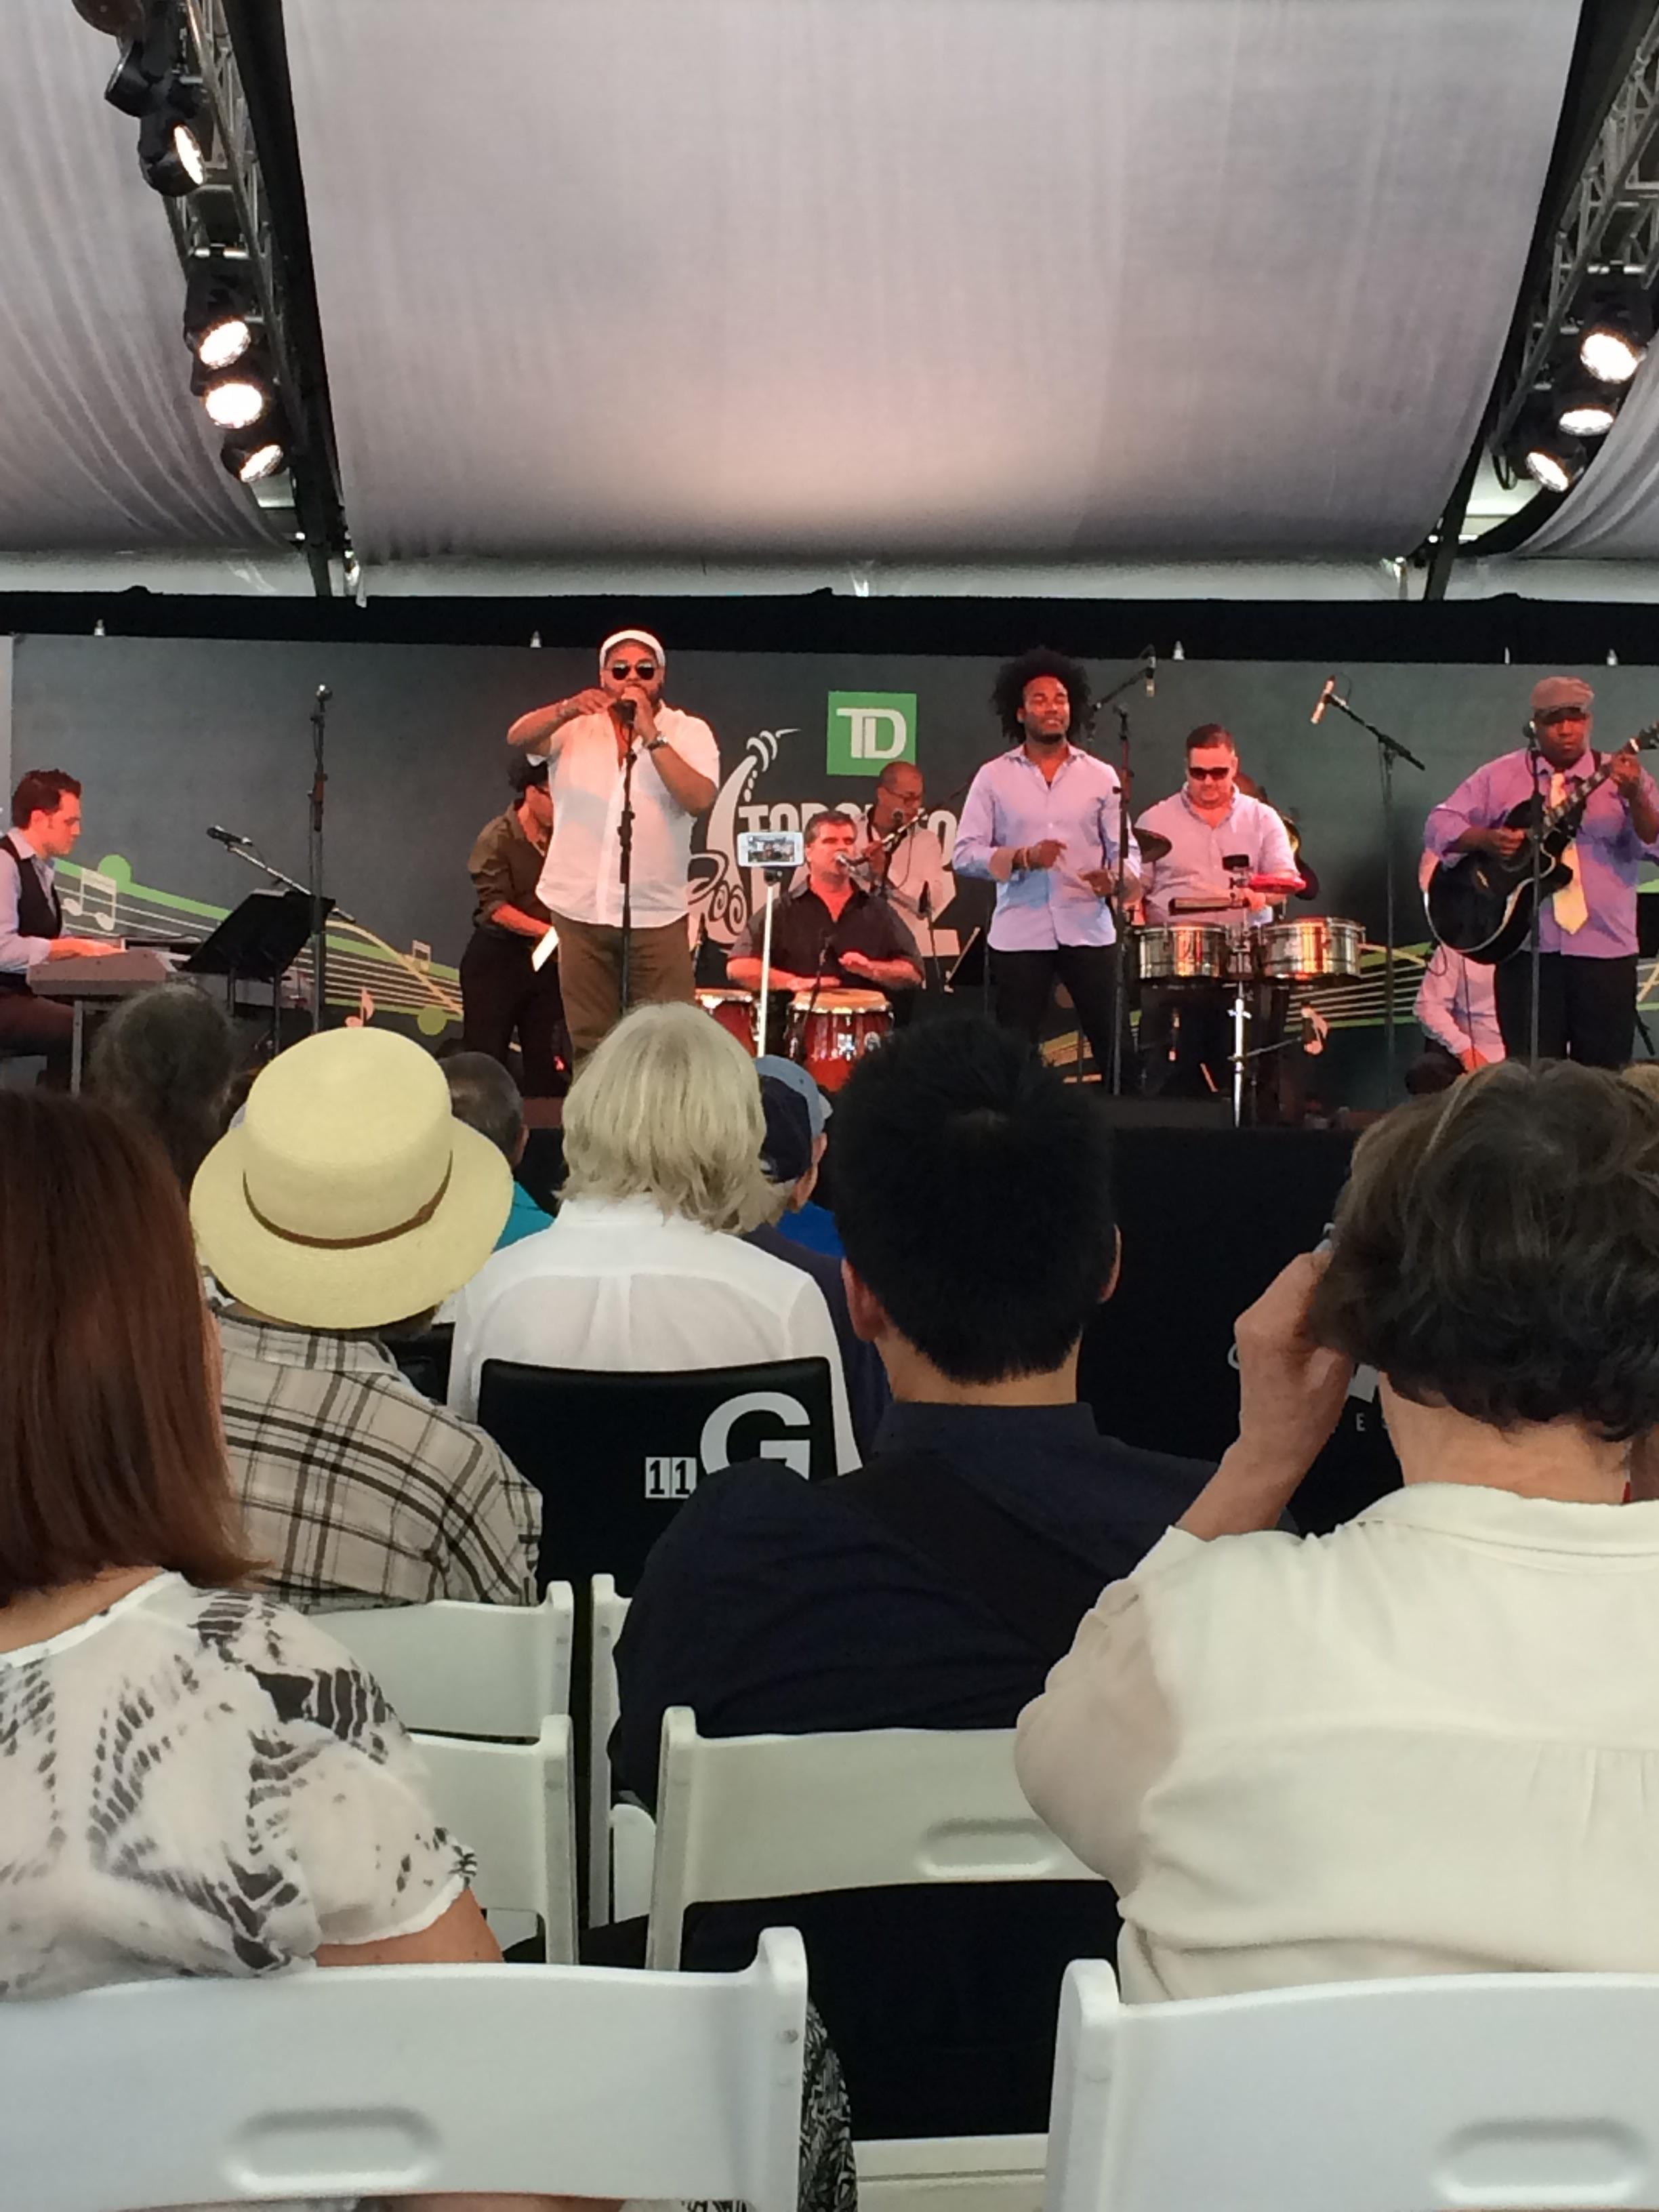 Se realiza la versión número 29 del Festival TD de jazz en Toronto